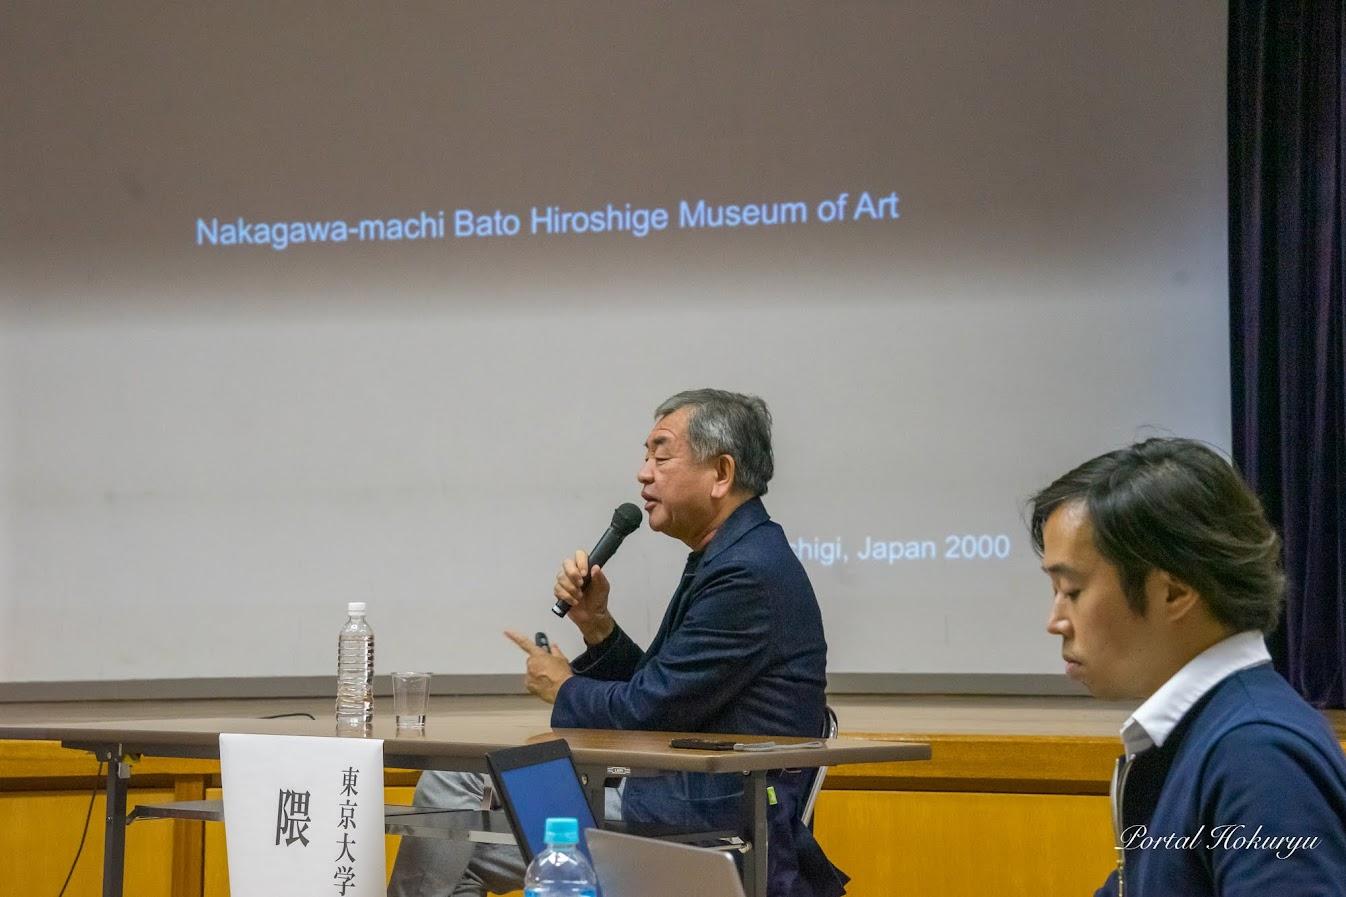 建築家・隈研吾氏(左)、隈研吾建築都市設計事務所・田口誉 設計室長(右)